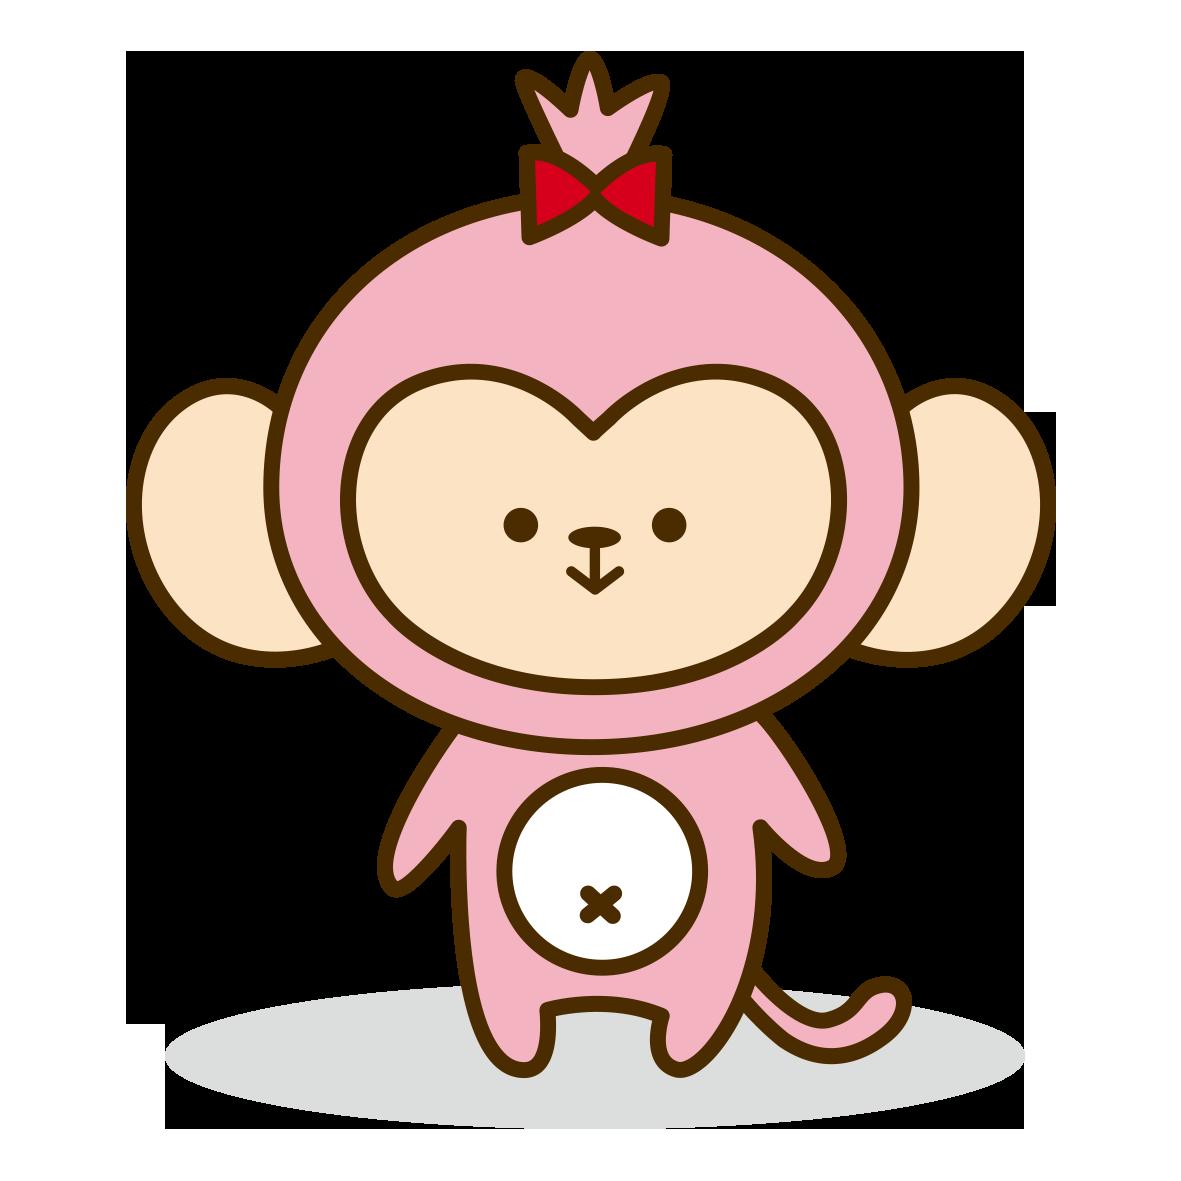 ピンクのおさるさん 無料イラスト愛